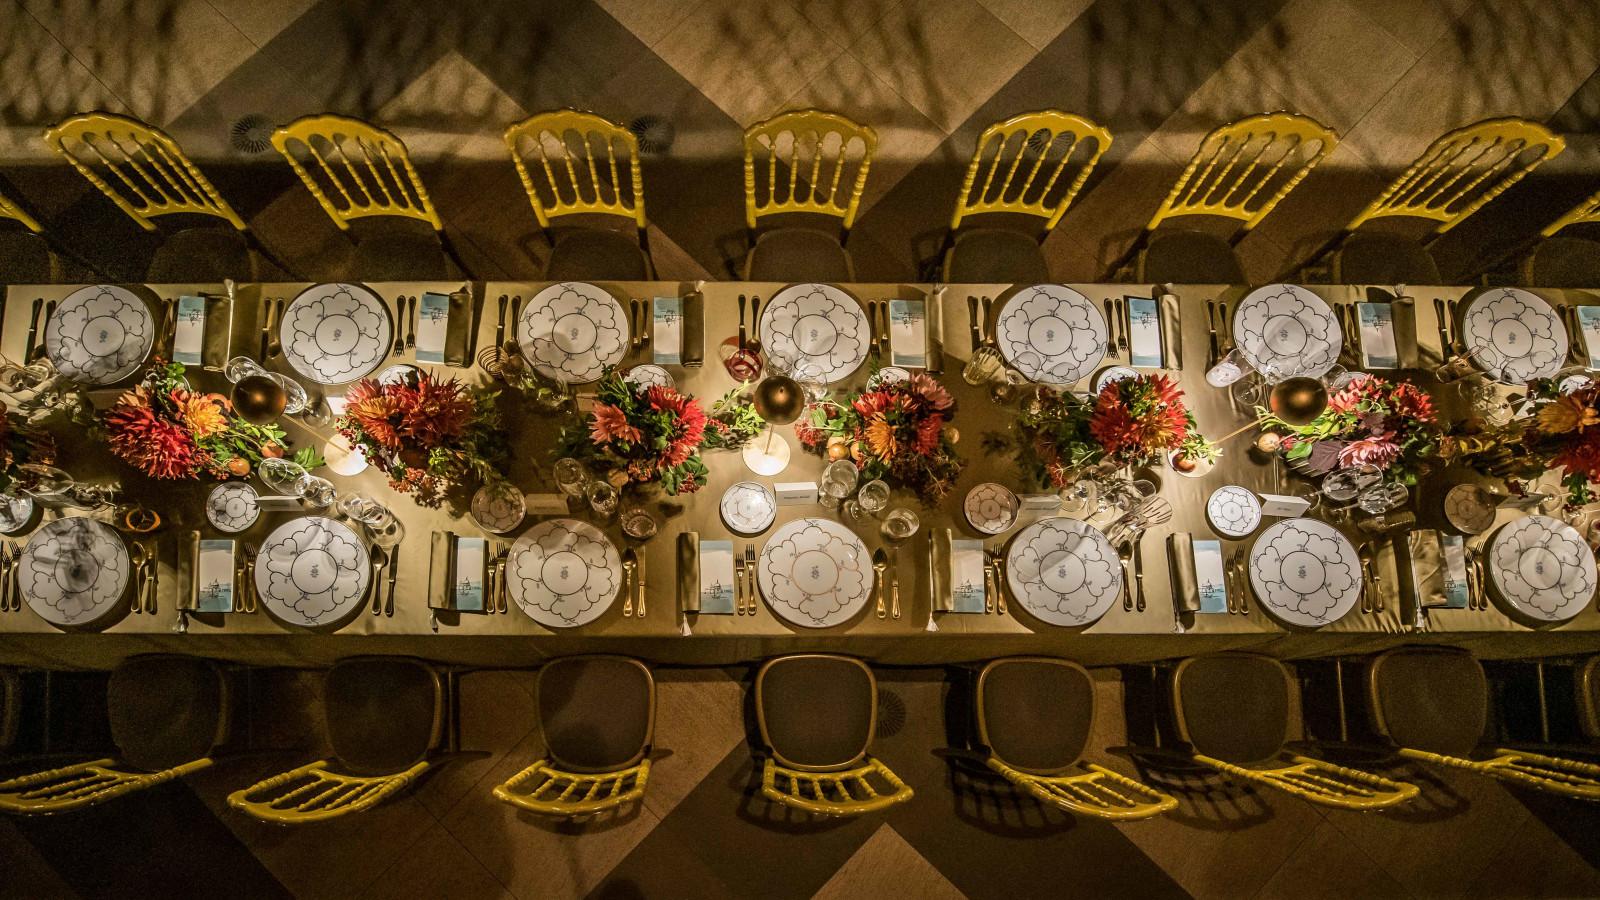 DINNER-SET-UP---Benedetta-Malavasi---Italy---Vanity-Fair-Venice-Film-Festival-small